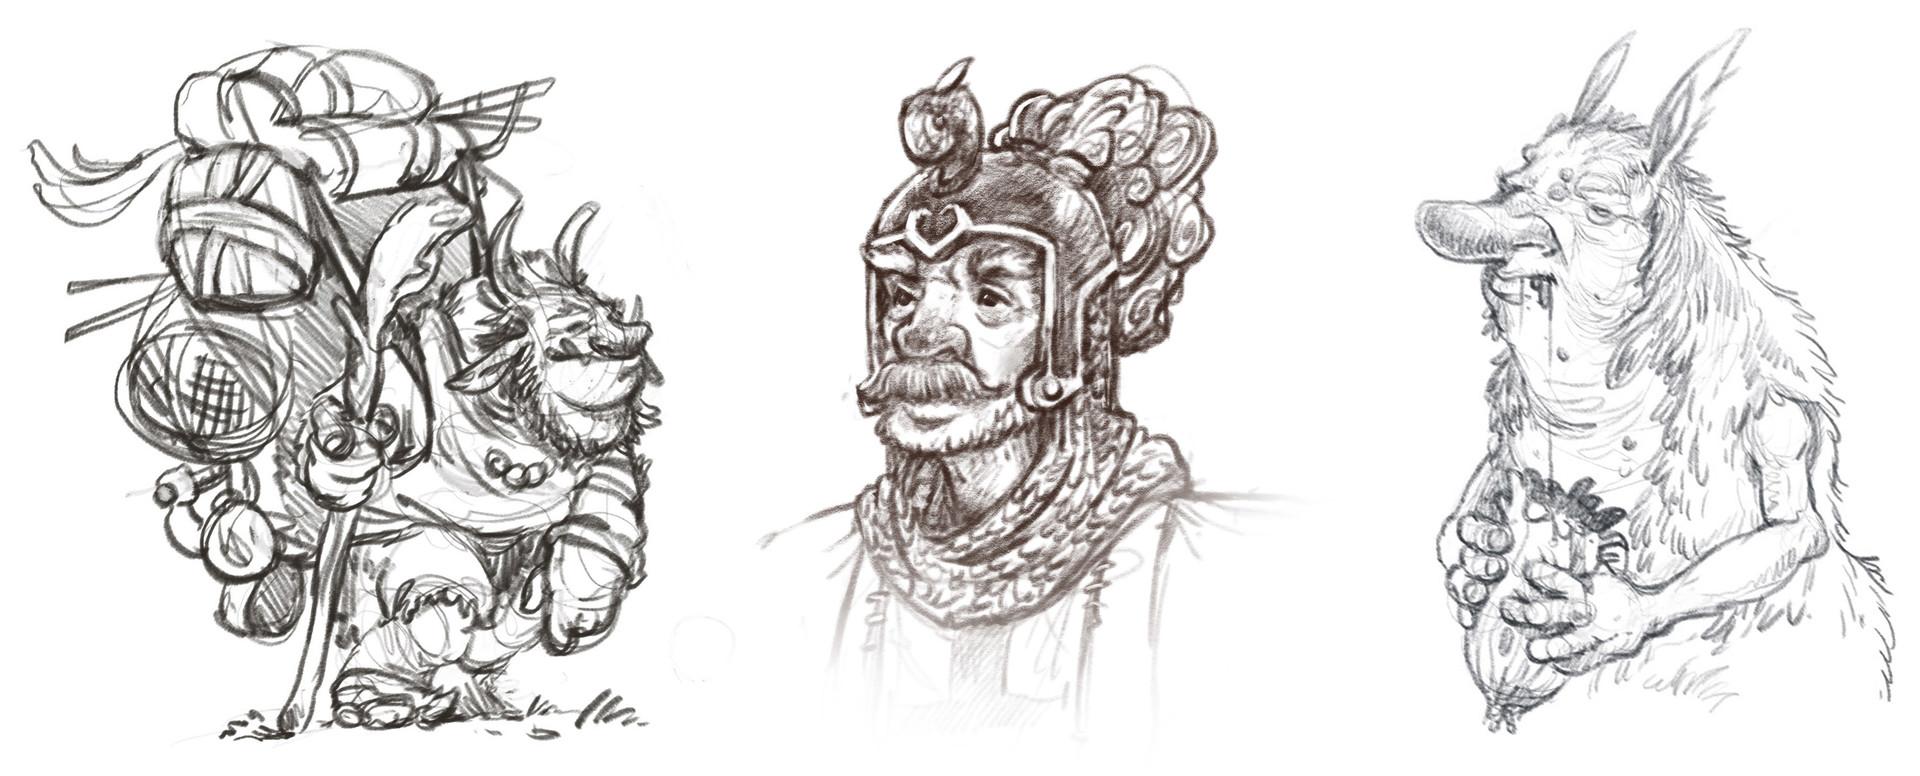 Kamil murzyn sketch04